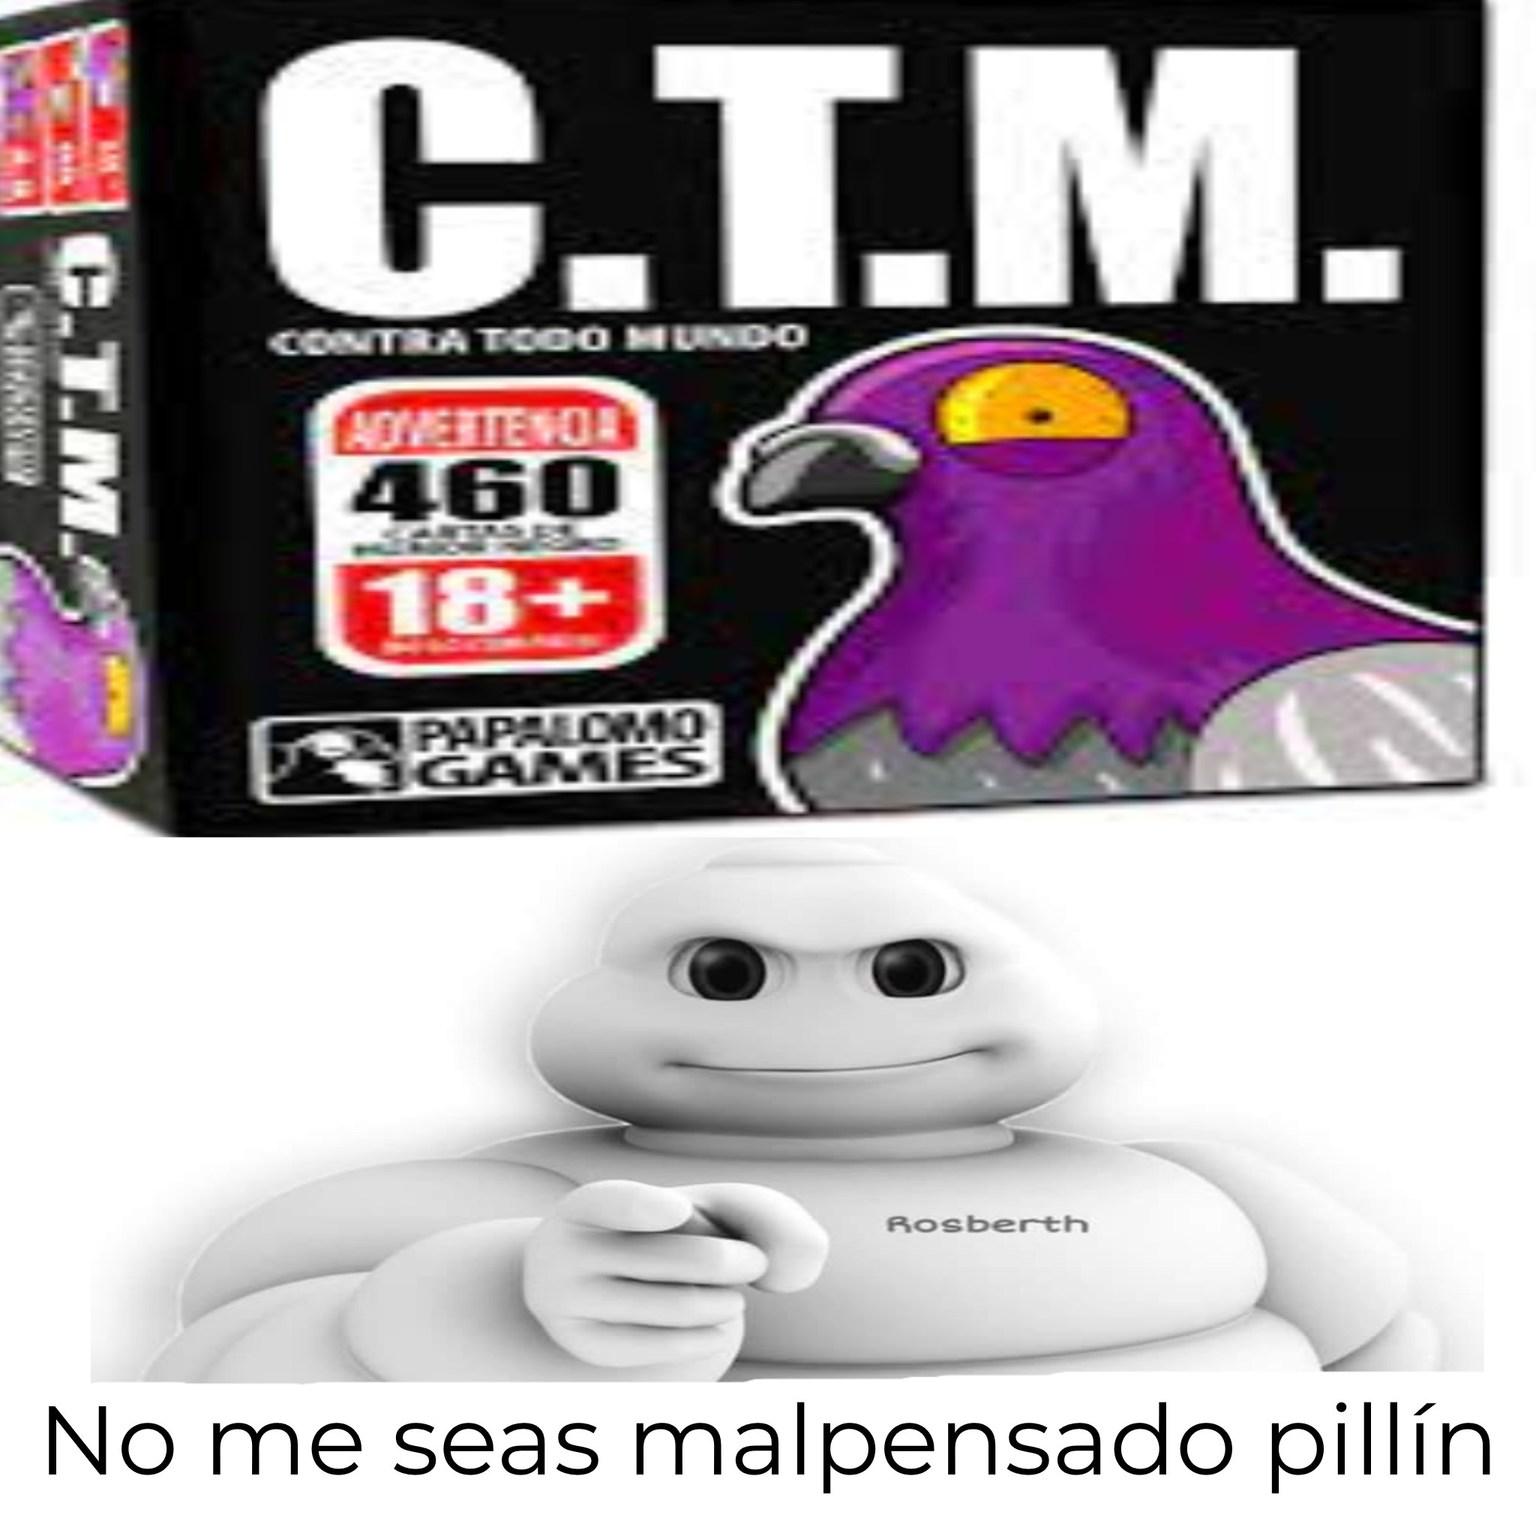 Fijate debajo del C.T.M. pelotudo - meme